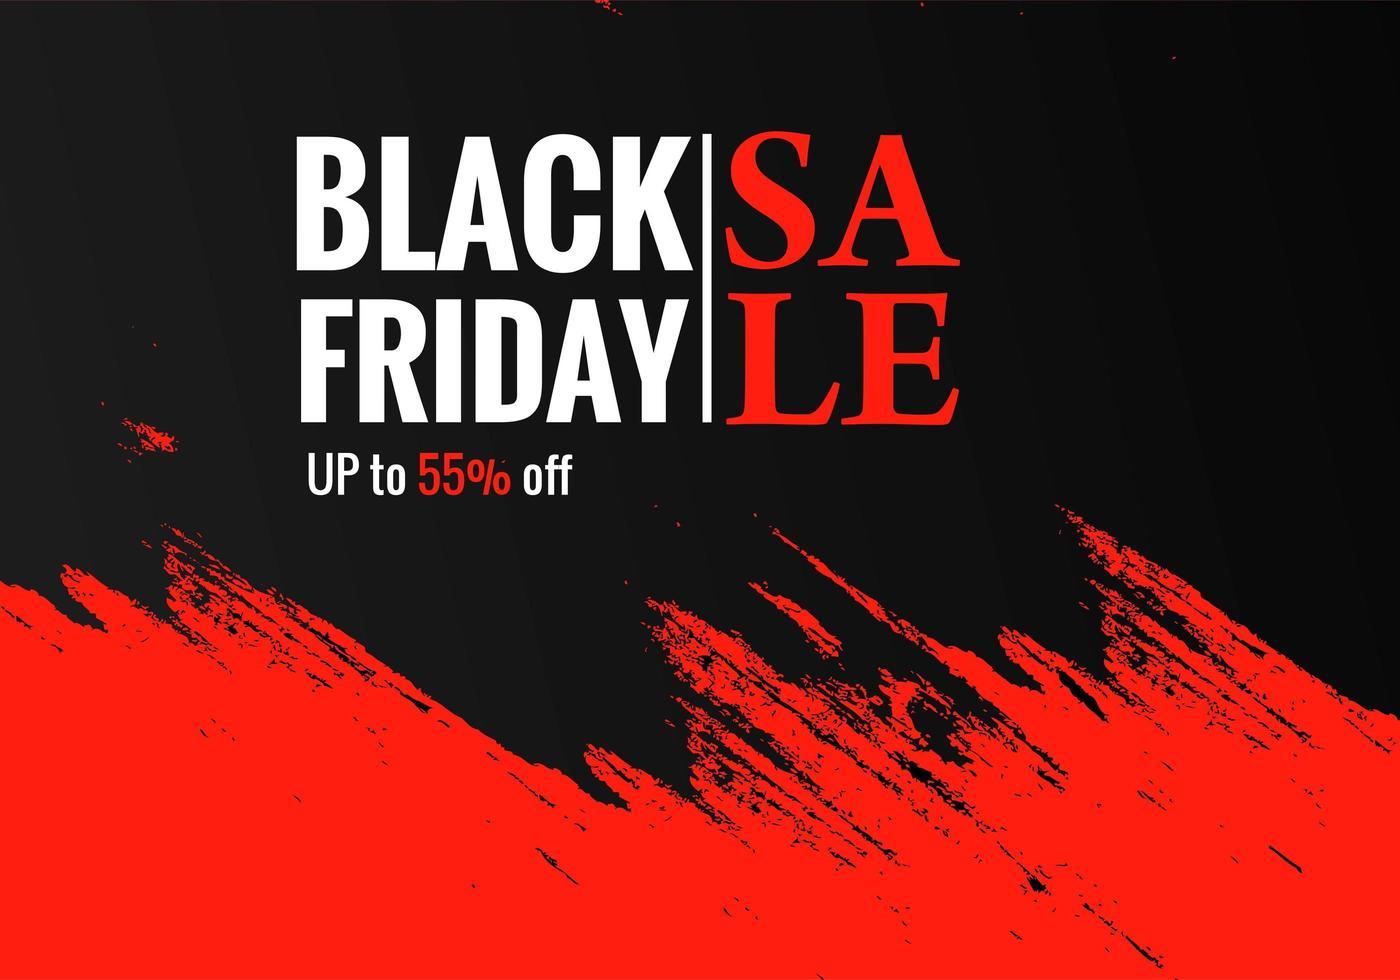 zwarte vrijdag verkoop poster op een hand penseelstreek achtergrond vector